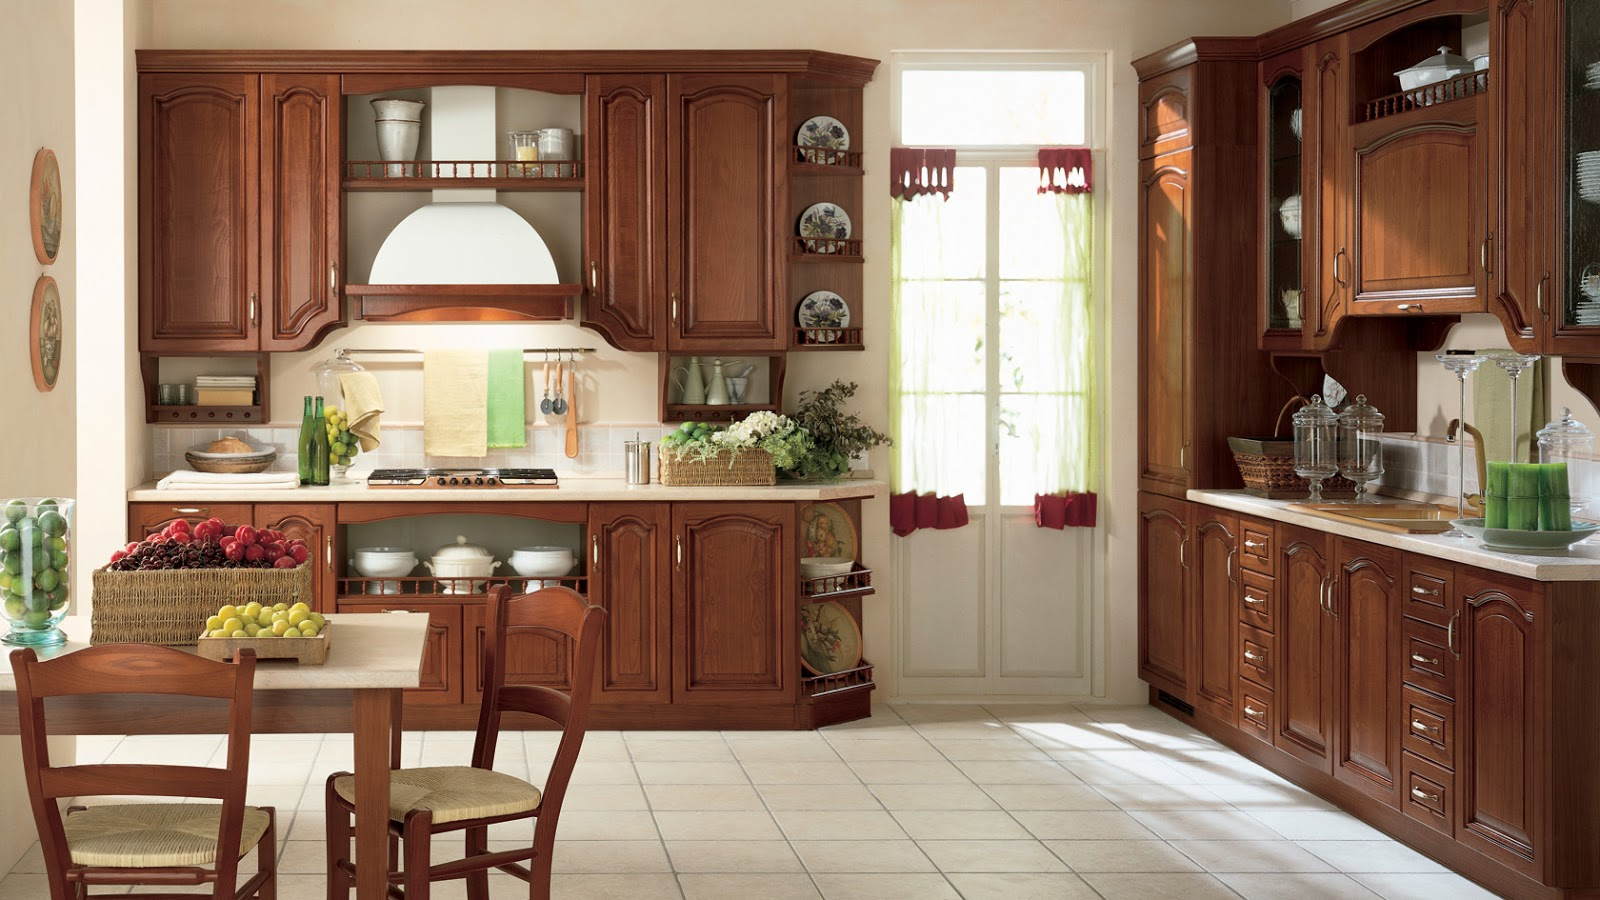 Cucine classiche - Immagini di cucine classiche ...